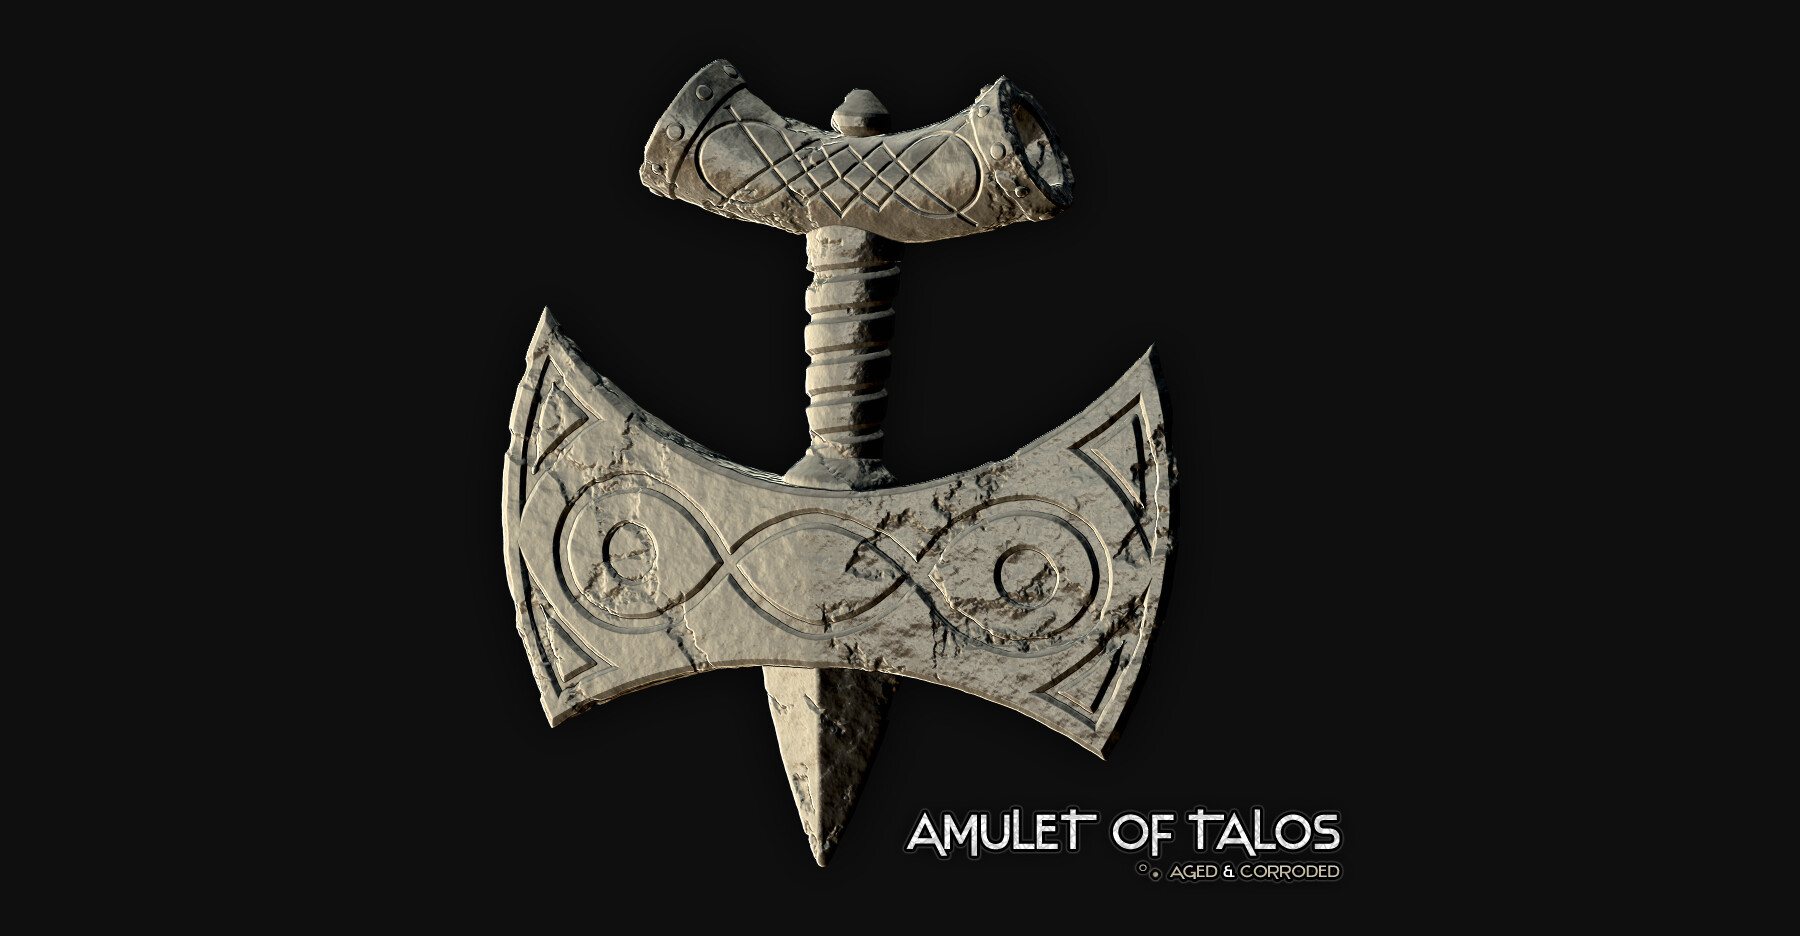 Amulet Of Talos artstation - amulet of talos, brett stephens